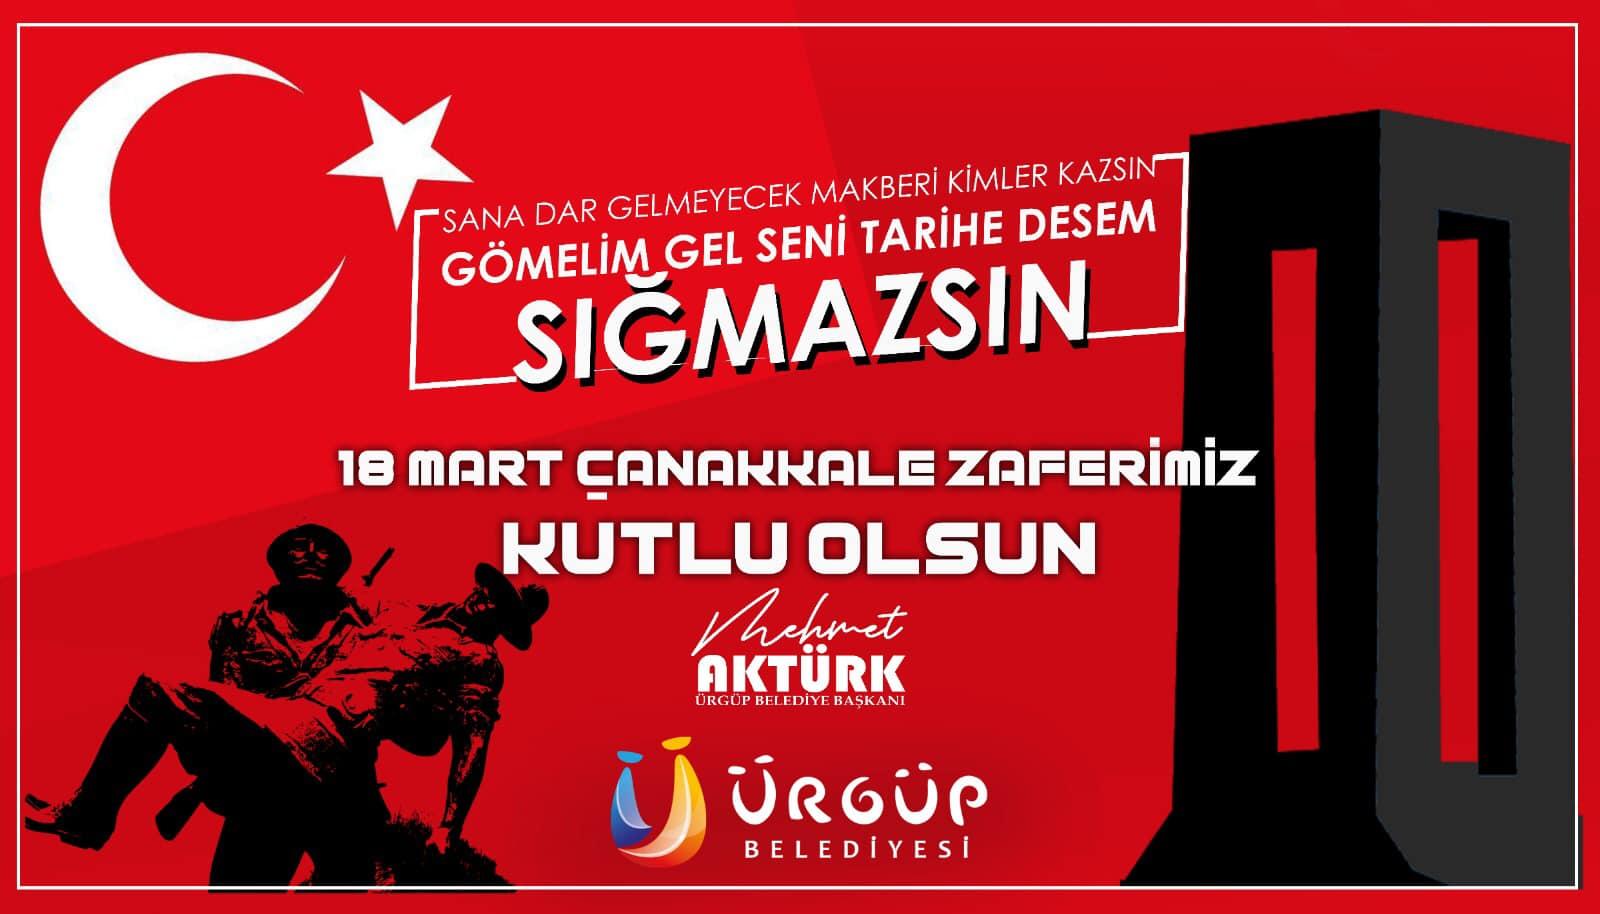 Ürgüp Belediye Başkanı Mehmet Aktürk'ün Çanakkale Zaferi mesajı